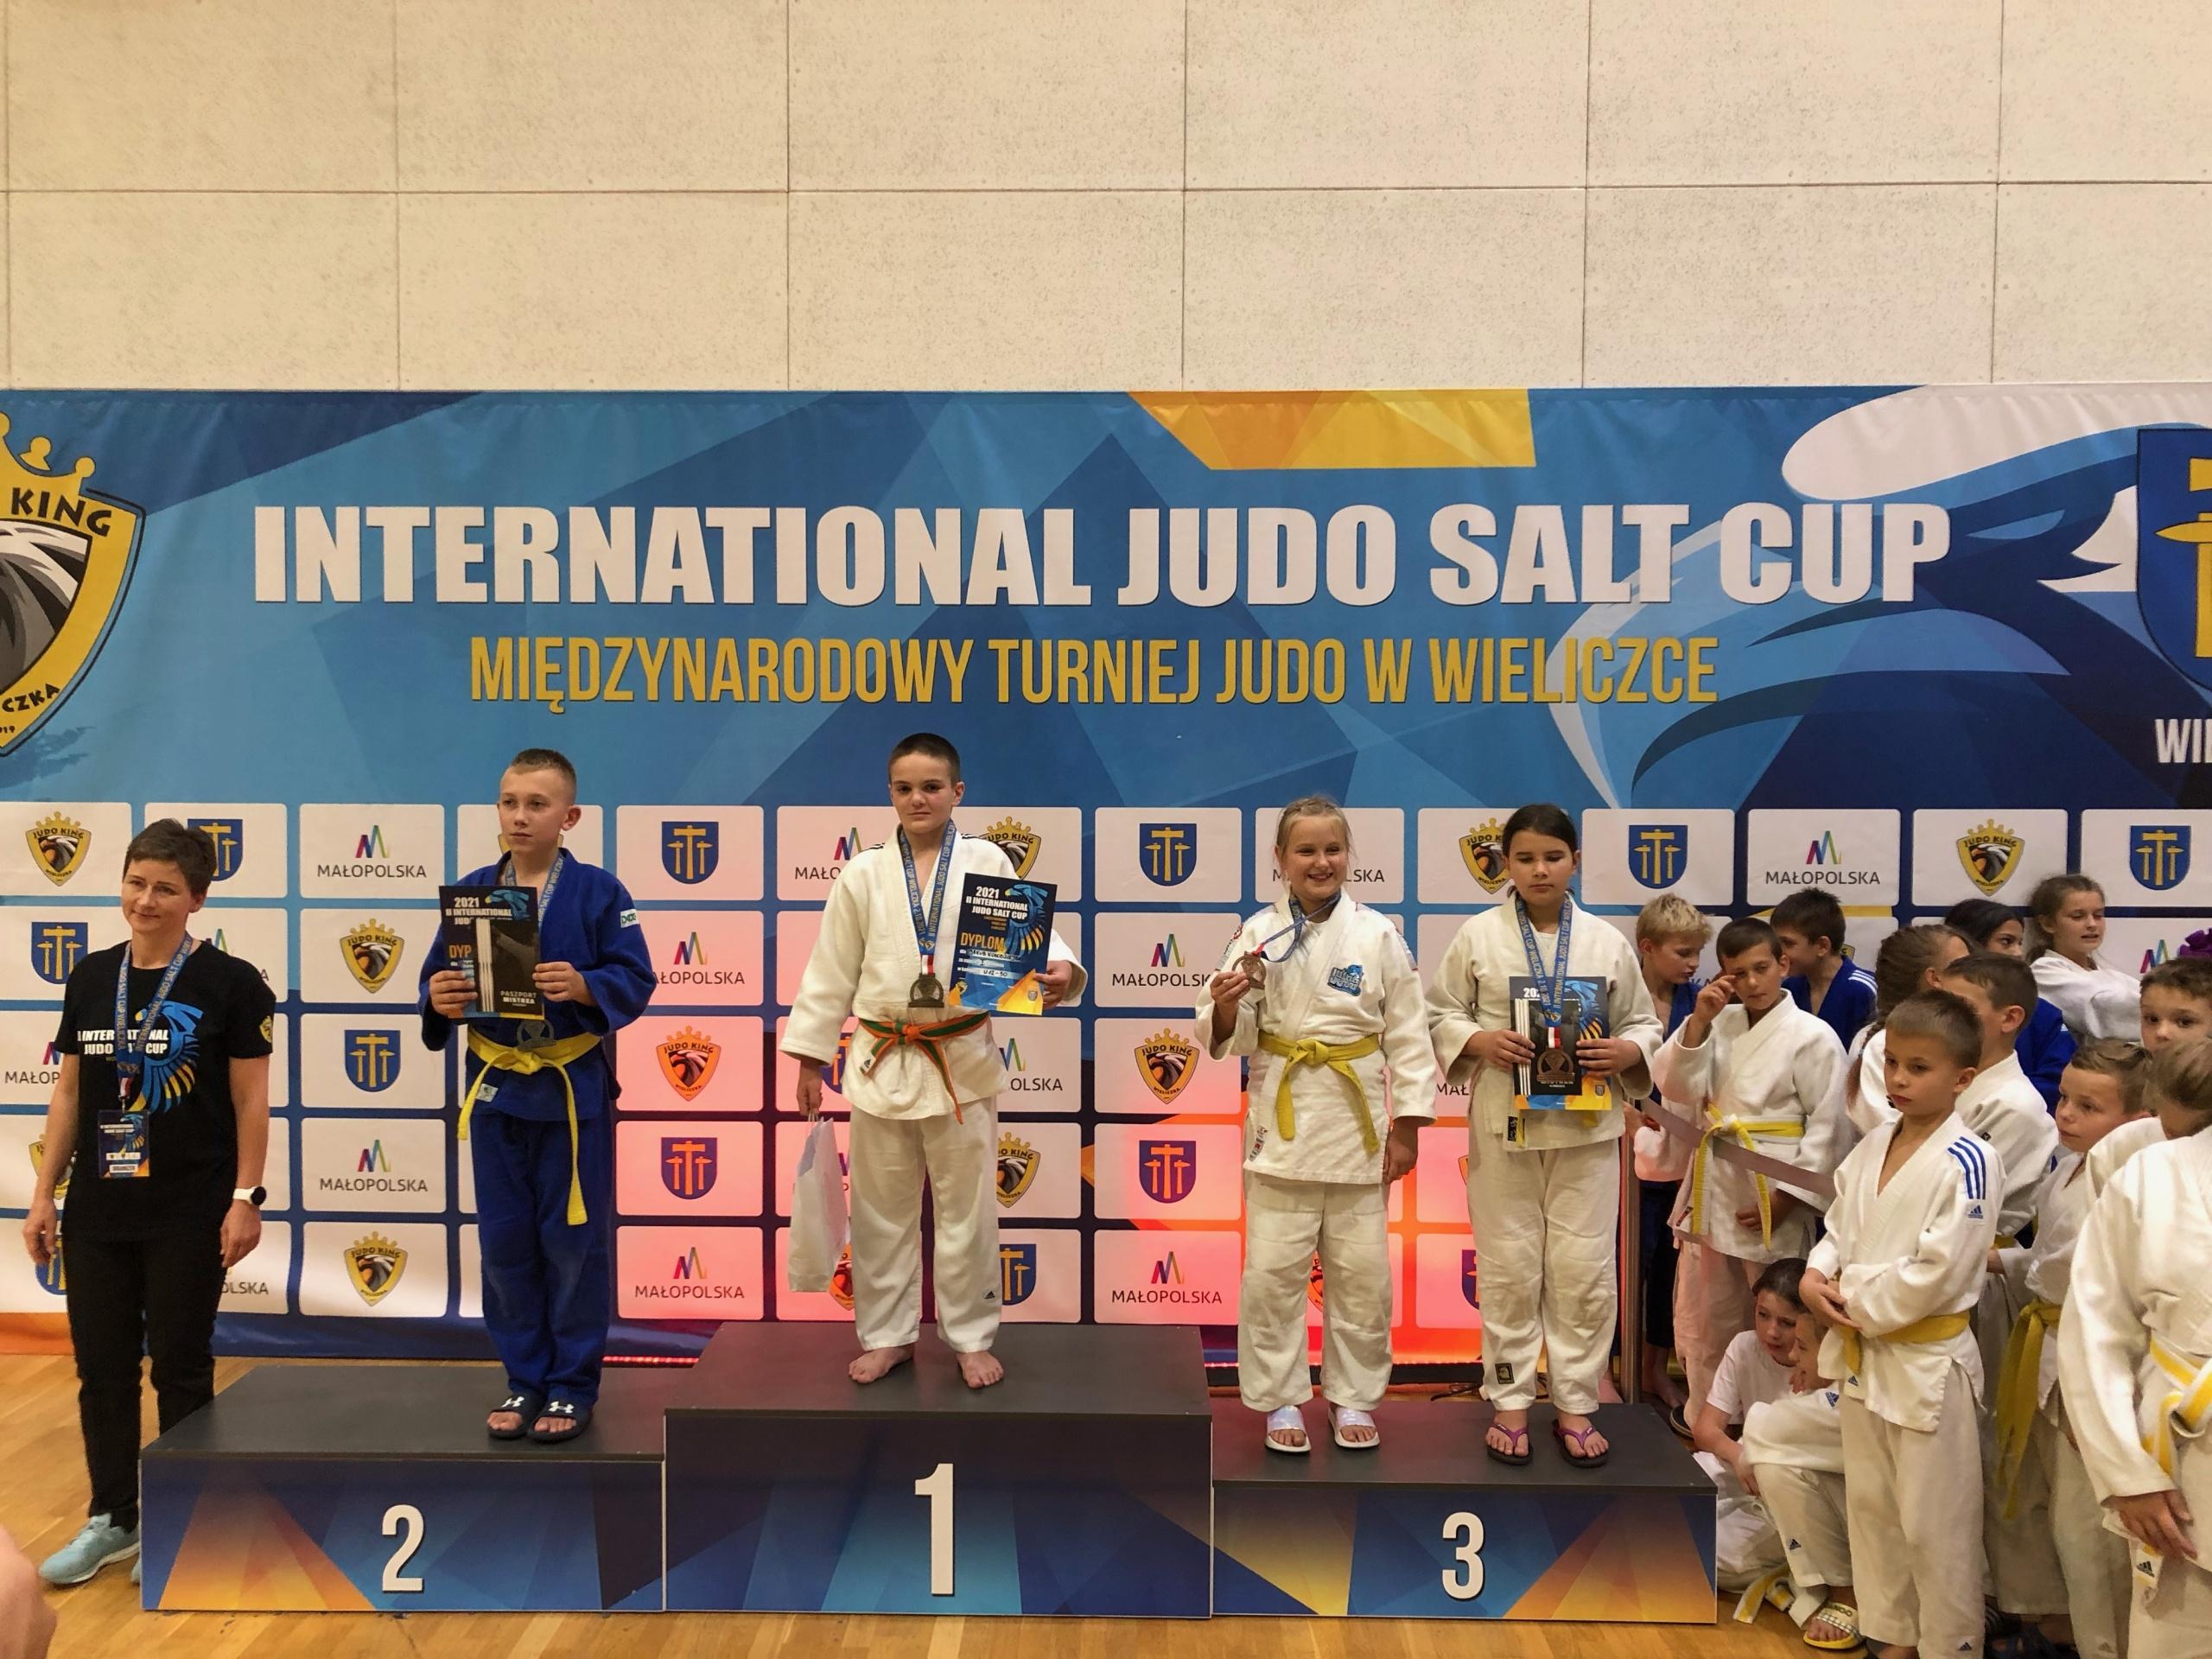 """5 medali MOSiR Bochnia w III Międzynarodowym Turniej Judo """"Salt CUP"""" w Wieliczce"""